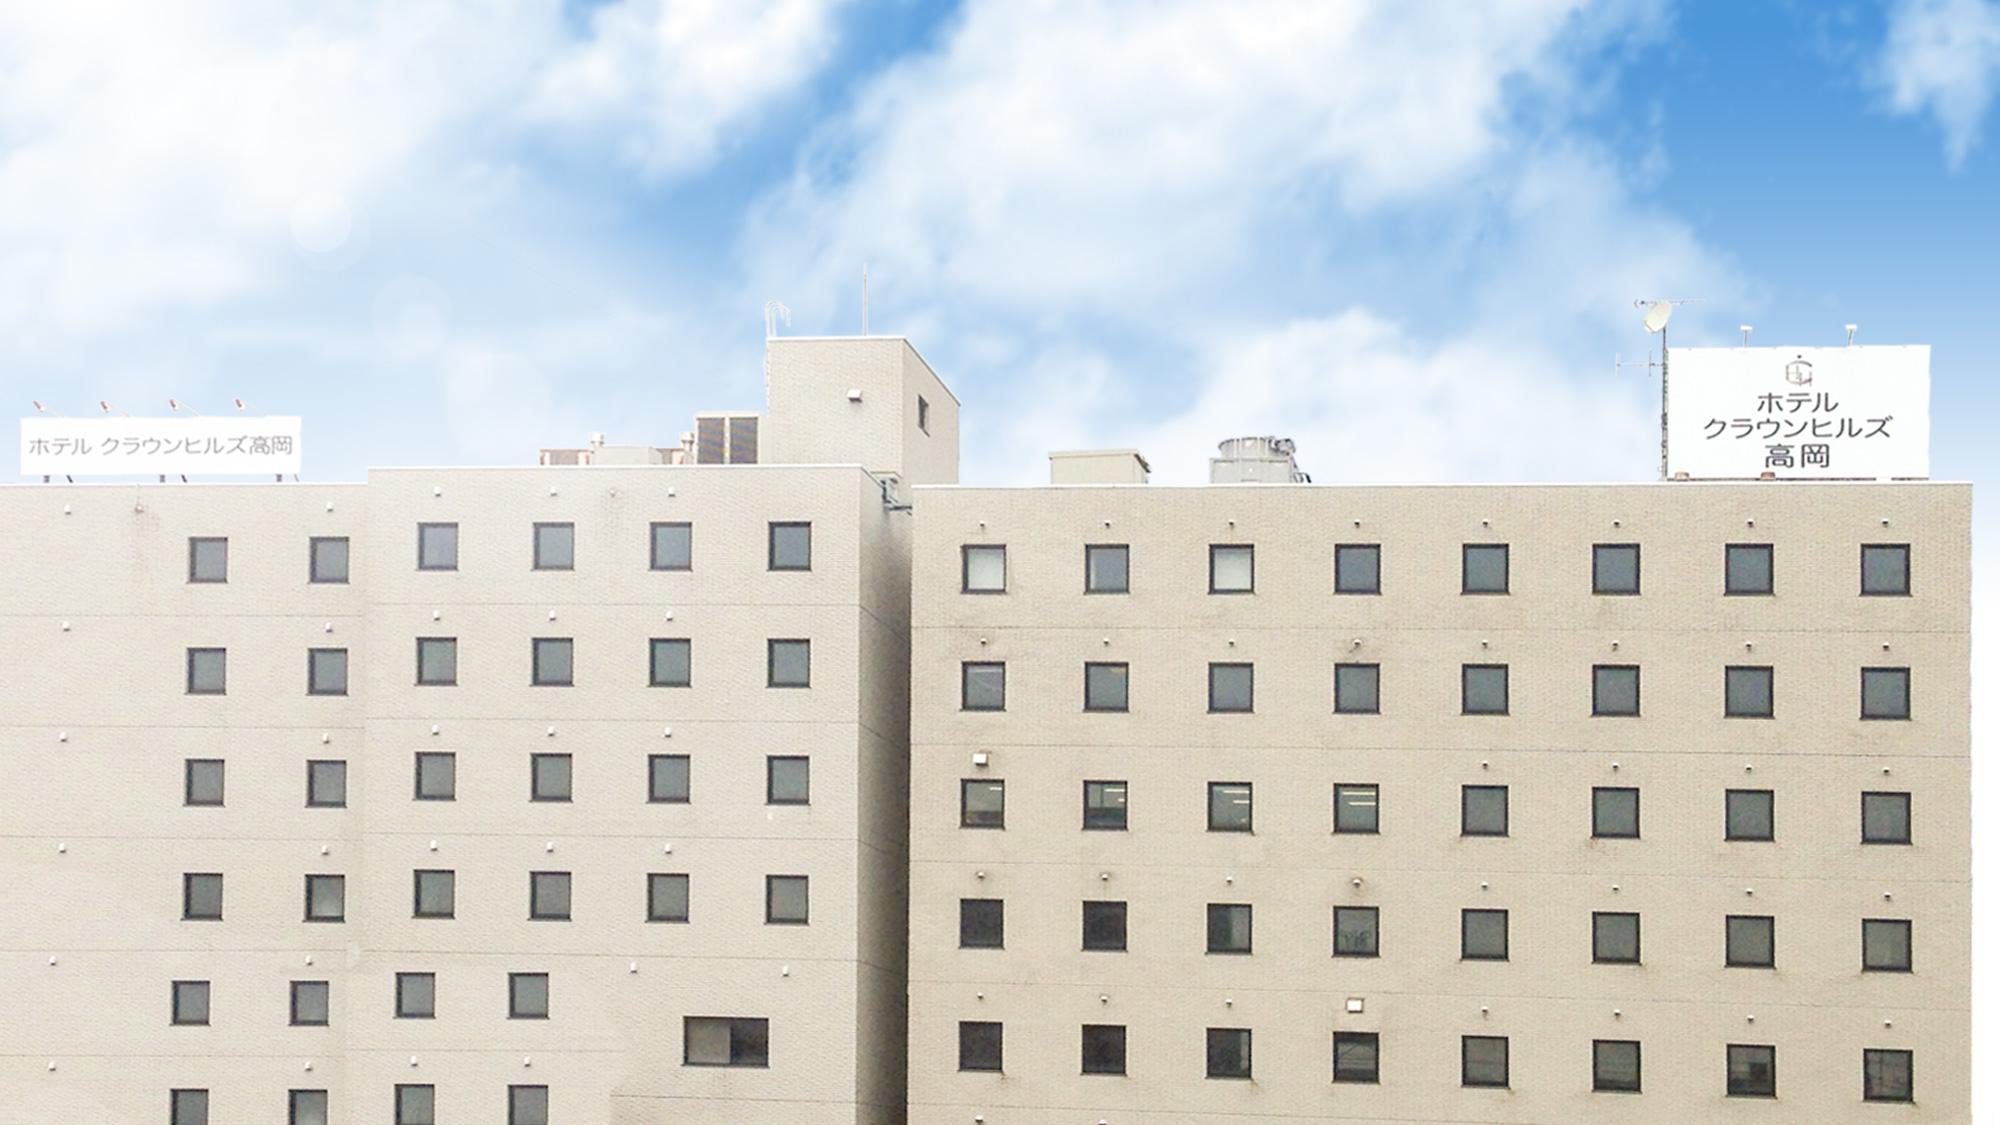 ホテルクラウンヒルズ高岡(BBHホテルグループ)